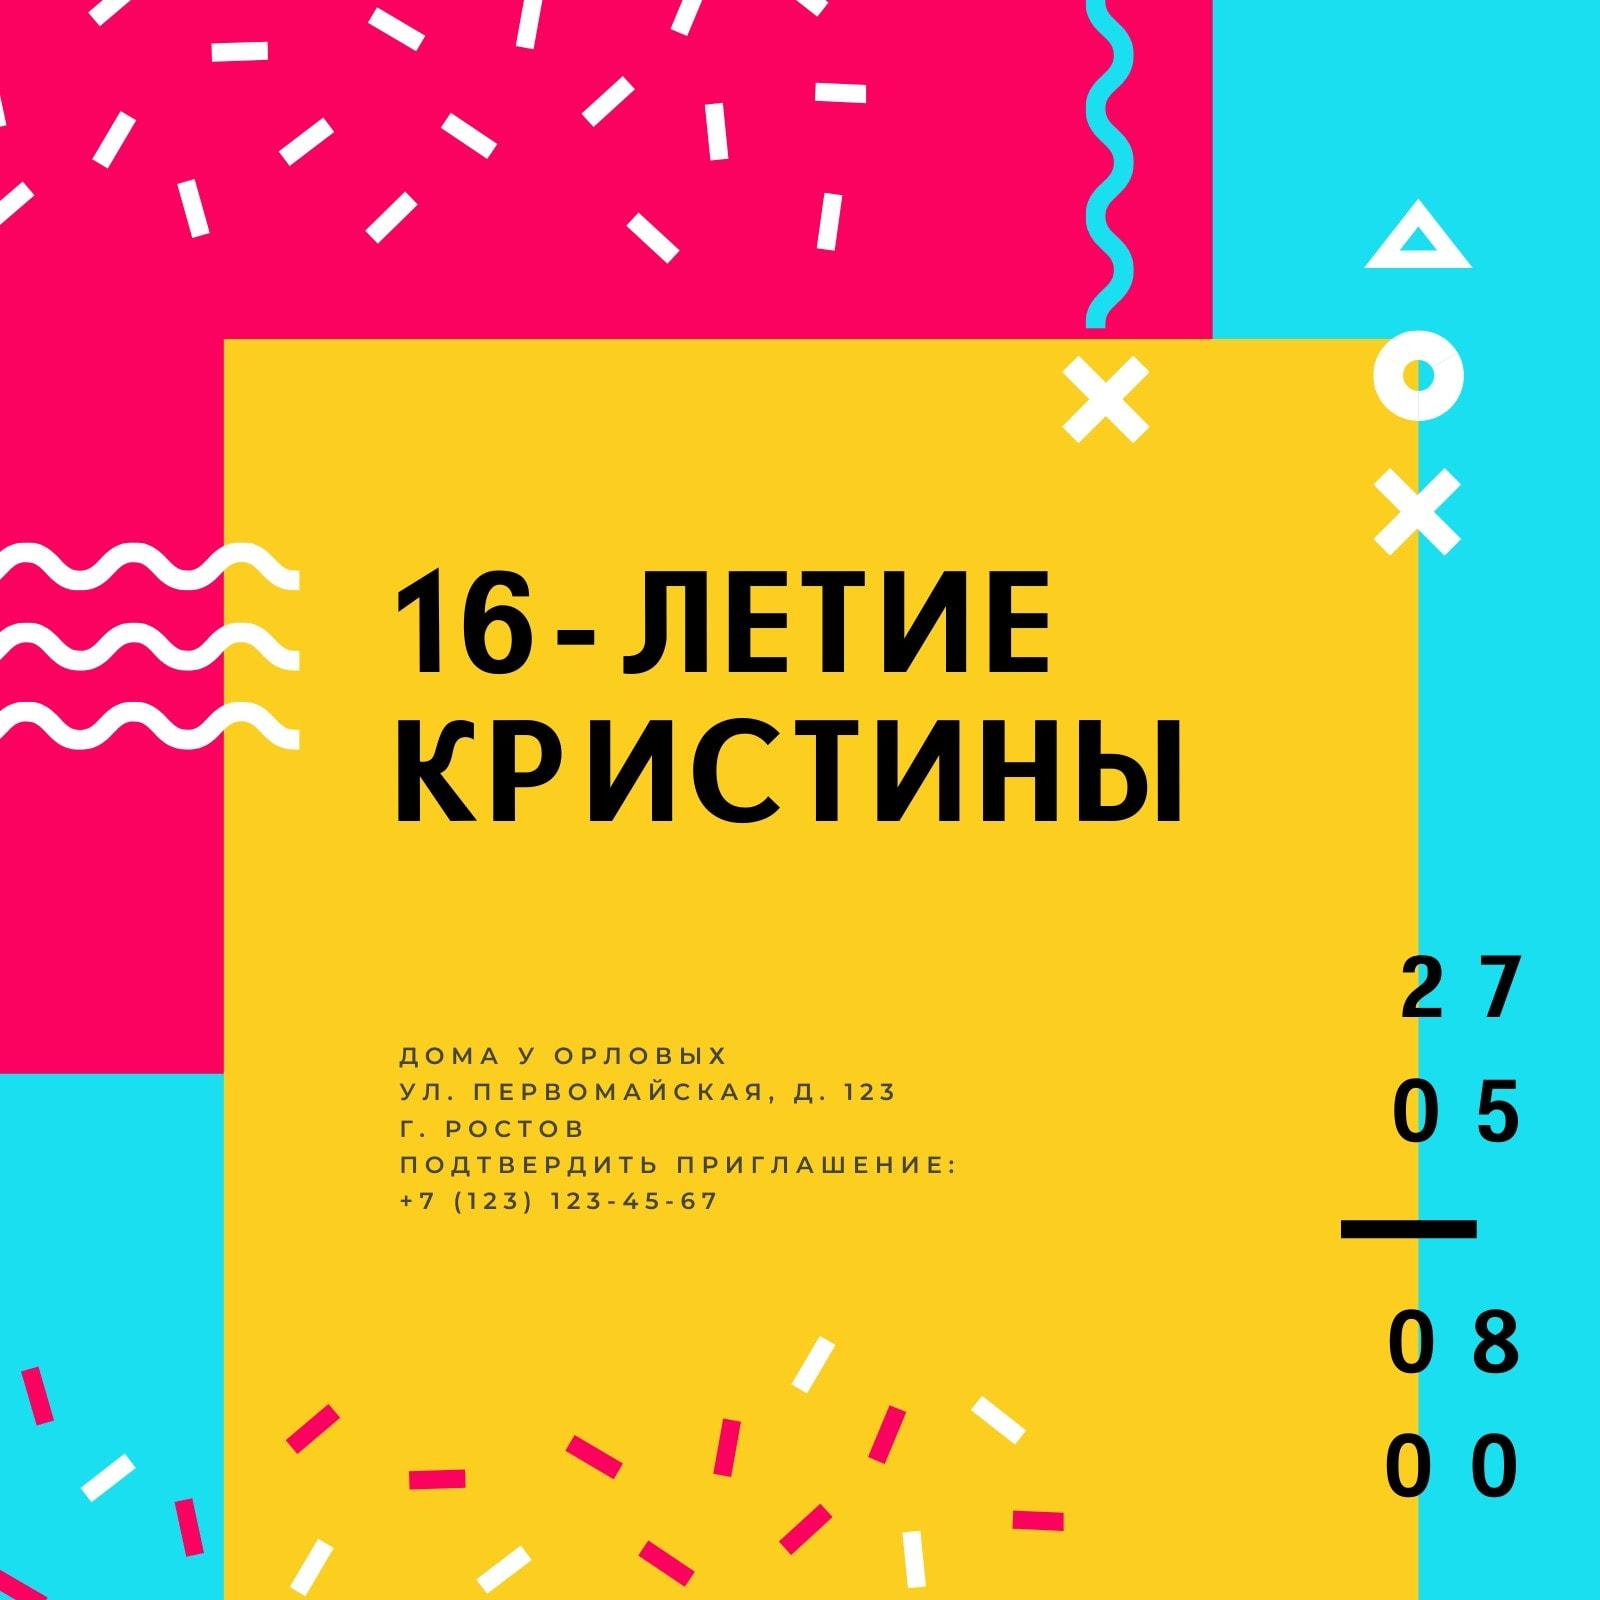 Розовый, Циан и Желтый Мемфис Стиль Шестнадцатилетие День Рождения Приглашение